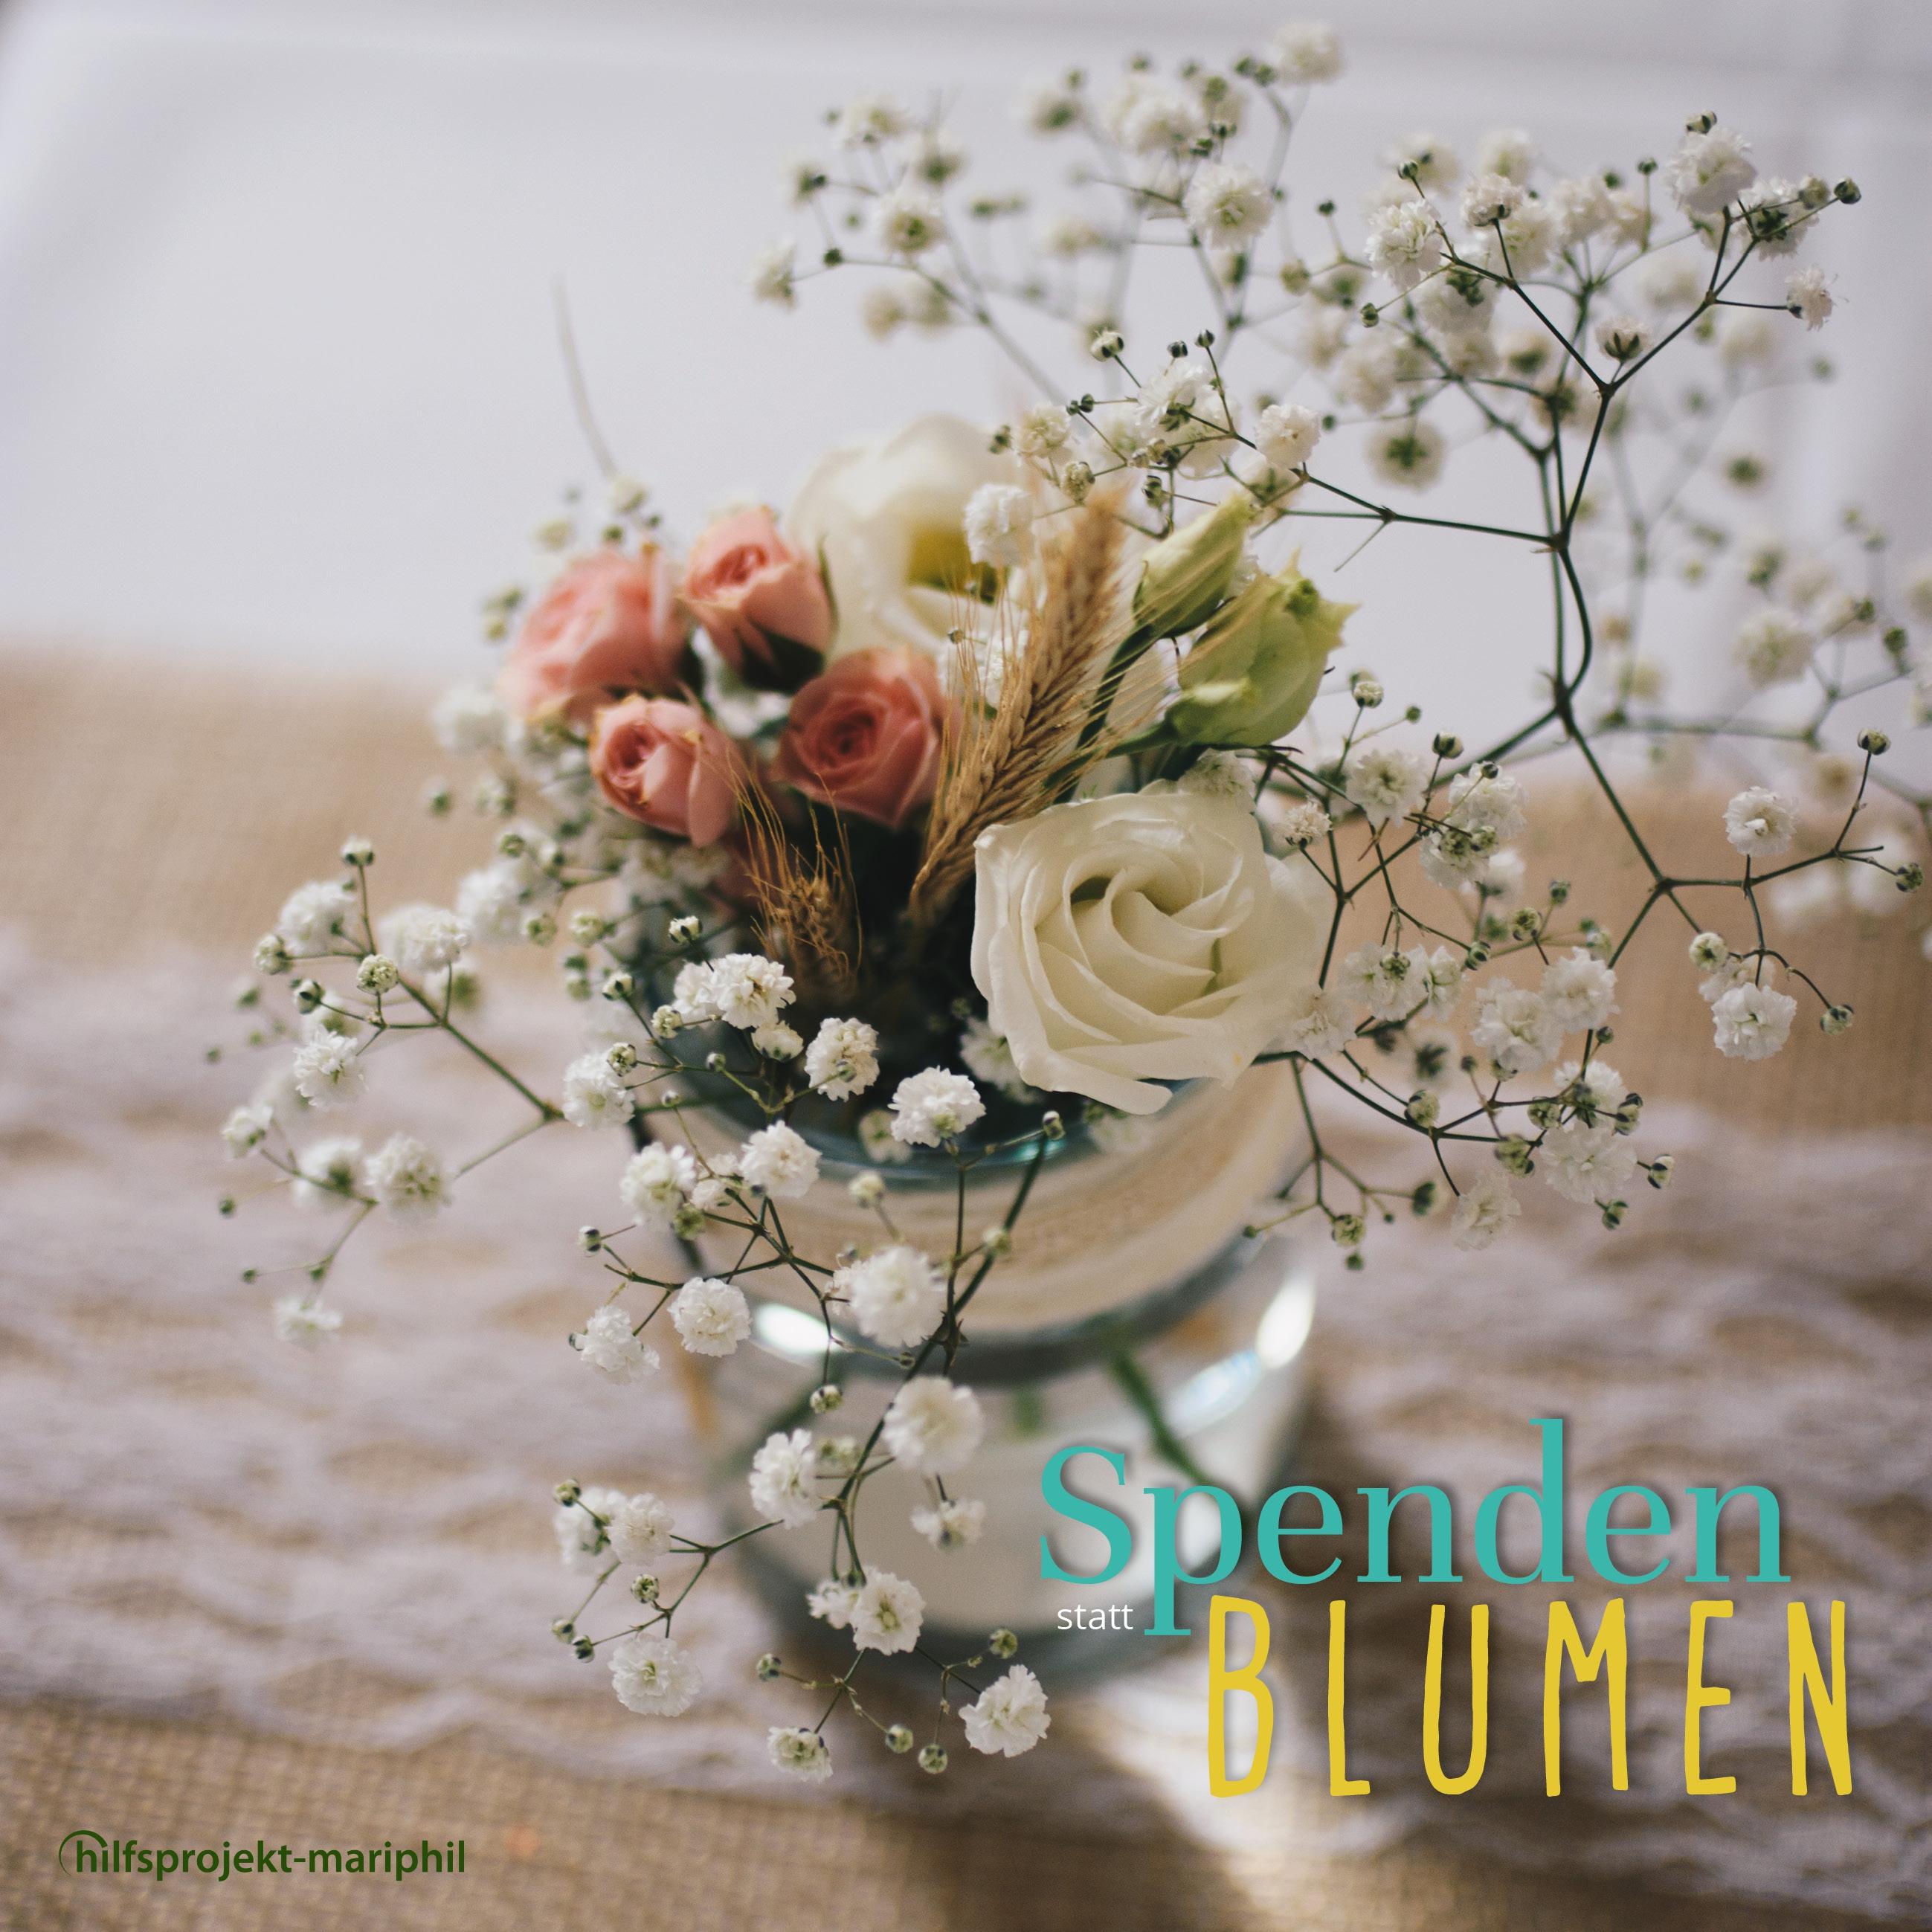 Spenden statt Blumen mit Logo - Jetzt spenden